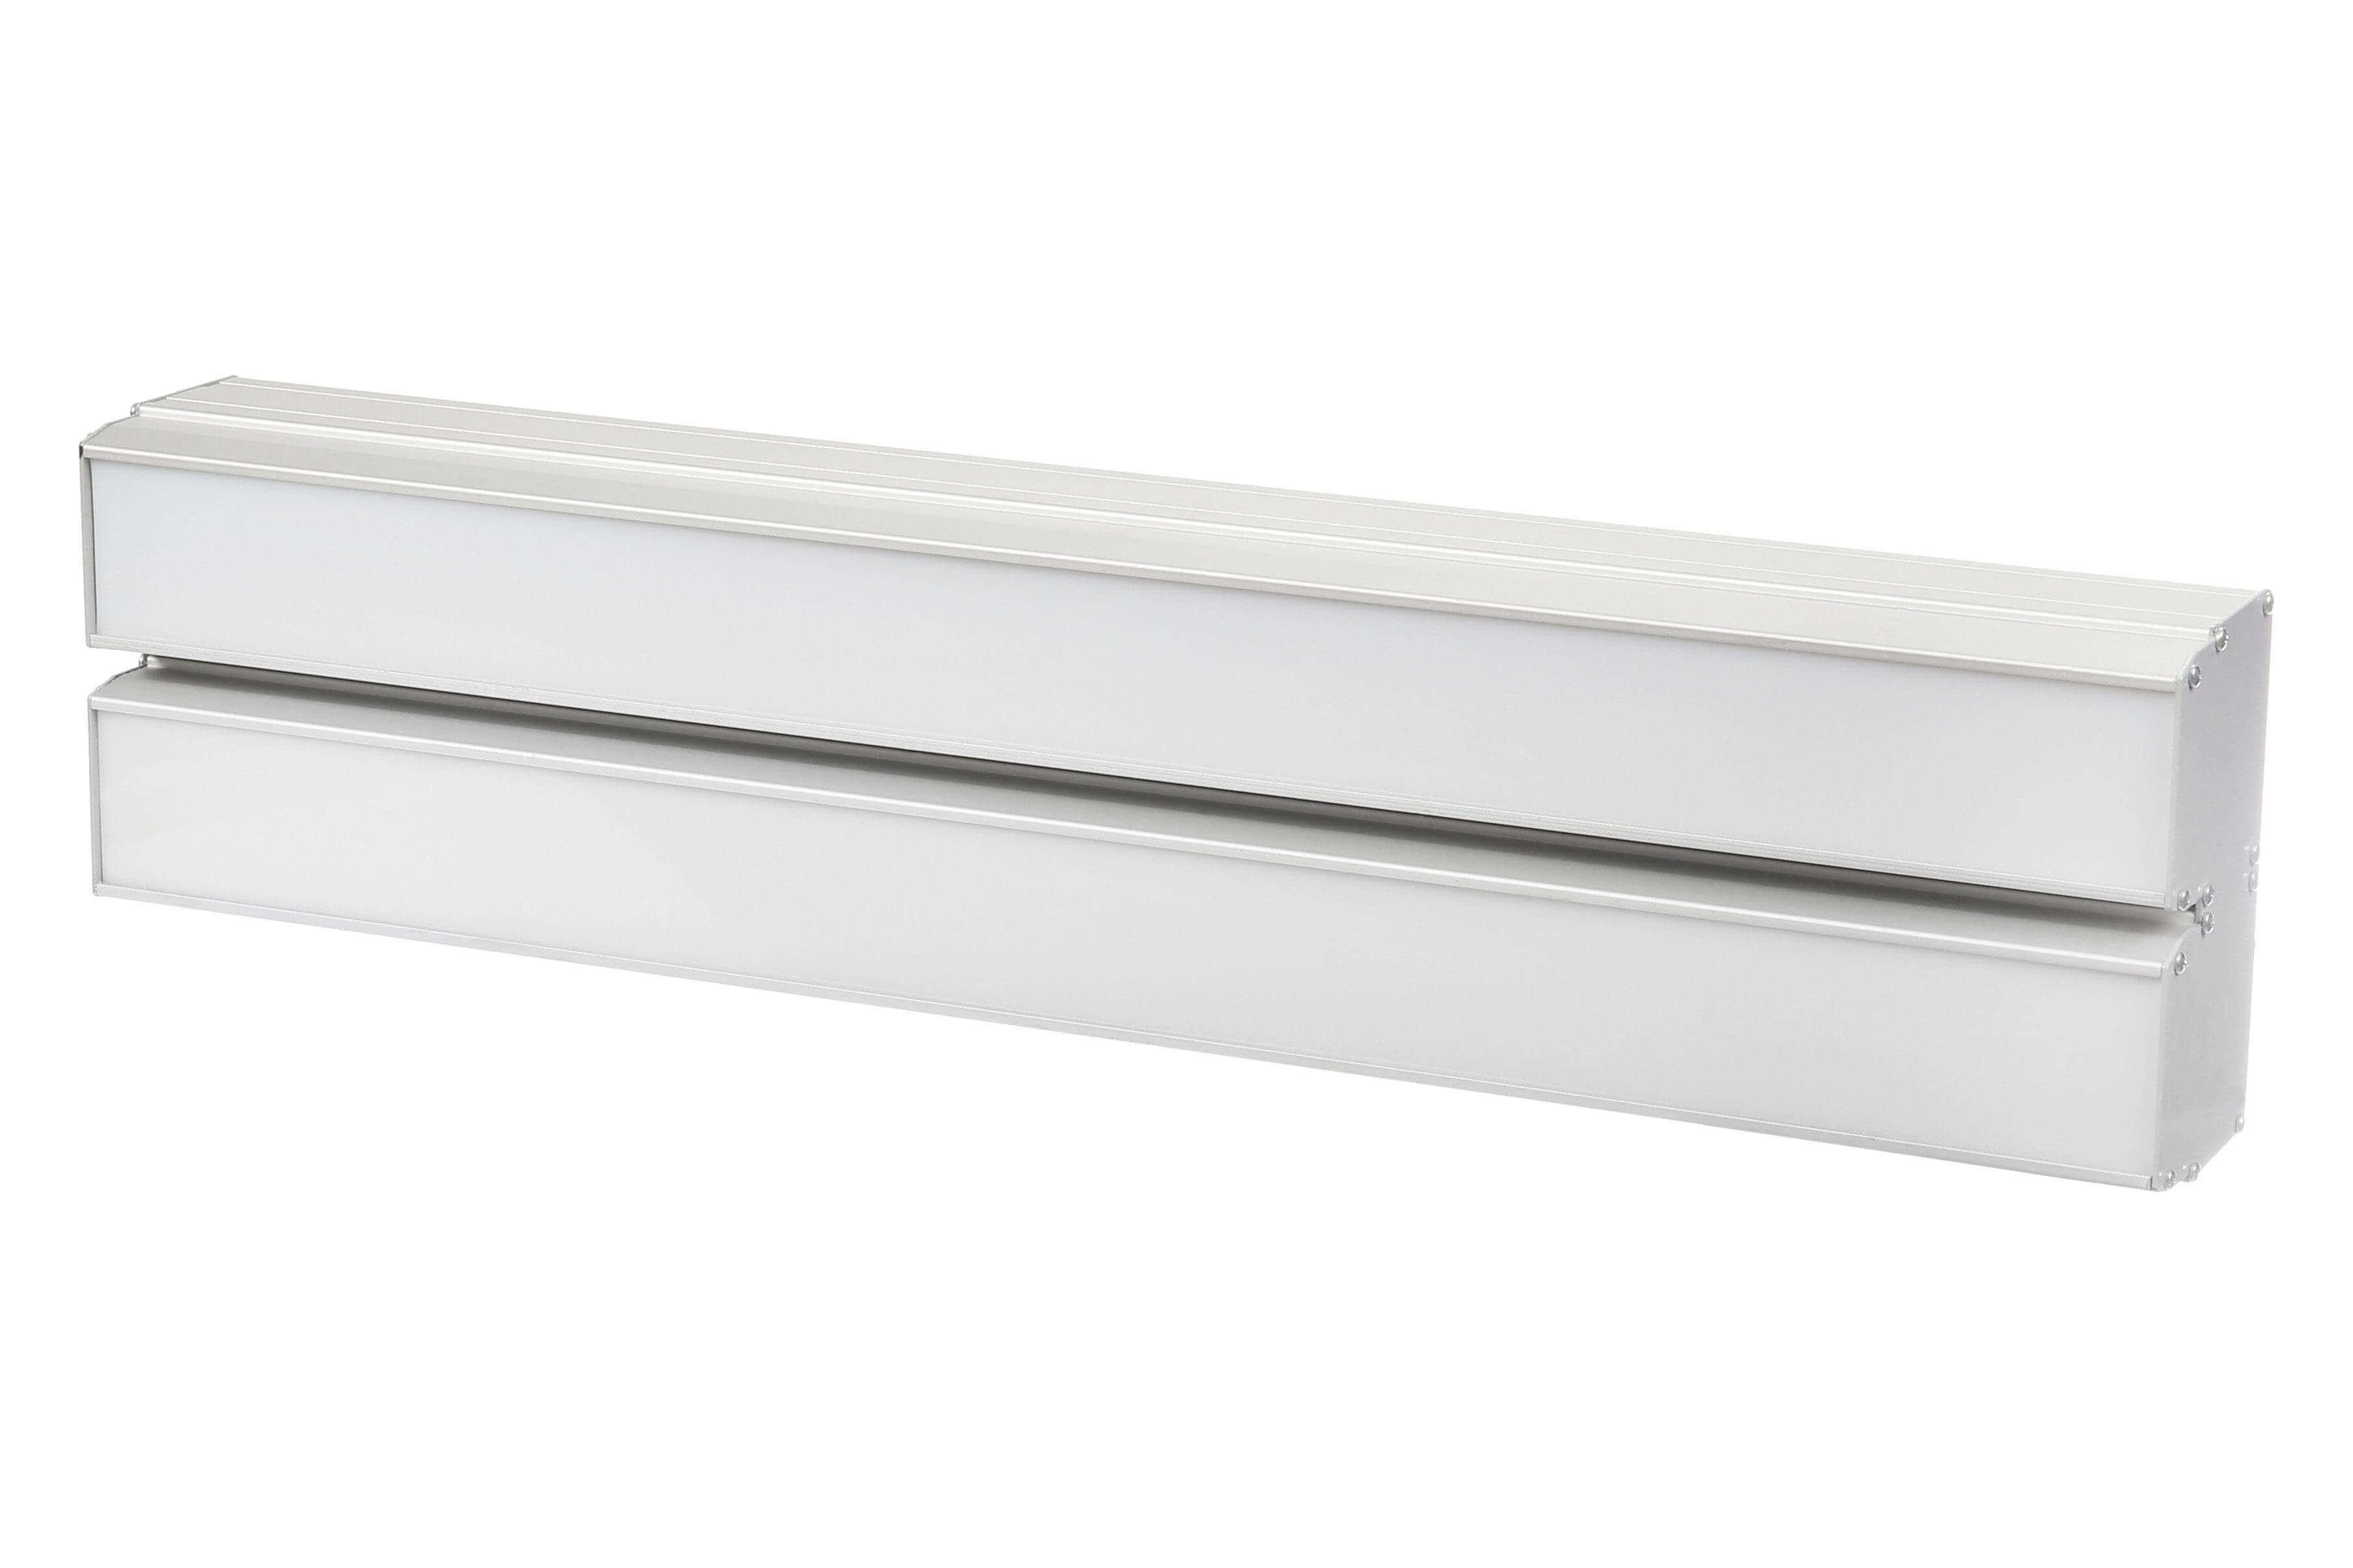 Светодиодный светильник LEDcraft LC-240-2PR2-OP-DW 240 Ватт IP20 (1727 мм) Нейтральный Опал